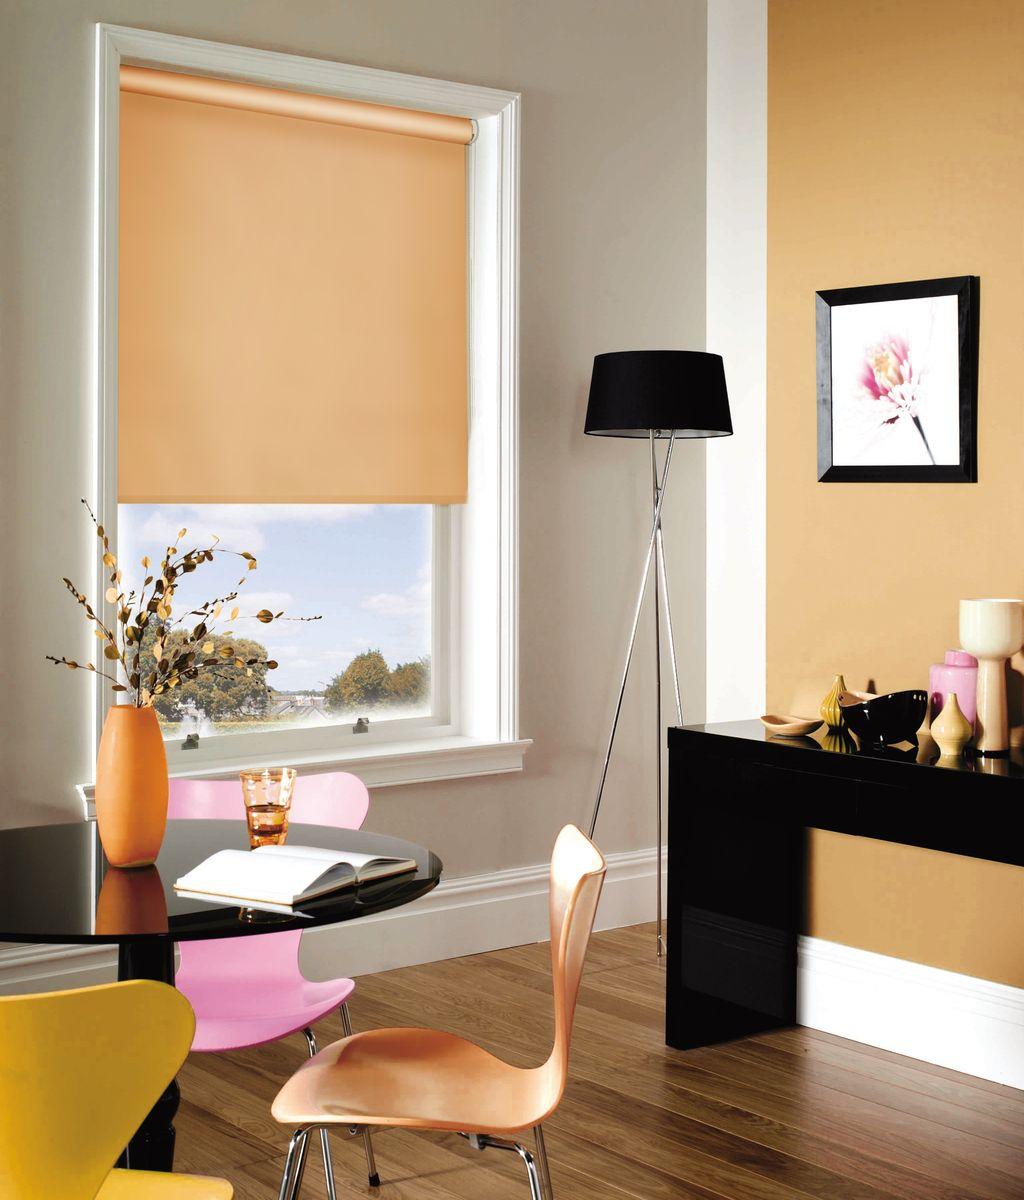 Штора рулонная Эскар Миниролло, цвет: светлый абрикос, ширина 73 см, высота 170 см31012073170Рулонными шторами можно оформлять окна как самостоятельно, так и использовать в комбинации с портьерами. Это поможет предотвратить выгорание дорогой ткани на солнце и соединит функционал рулонных с красотой навесных. Преимущества применения рулонных штор для пластиковых окон: - имеют прекрасный внешний вид: многообразие и фактурность материала изделия отлично смотрятся в любом интерьере;- многофункциональны: есть возможность подобрать шторы способные эффективно защитить комнату от солнца, при этом она не будет слишком темной. - Есть возможность осуществить быстрый монтаж.ВНИМАНИЕ! Размеры ширины изделия указаны по ширине ткани! Во время эксплуатации не рекомендуется полностью разматывать рулон, чтобы не оторвать ткань от намоточного вала. В случае загрязнения поверхности ткани, чистку шторы проводят одним из способов, в зависимости от типа загрязнения:легкое поверхностное загрязнение можно удалить при помощи канцелярского ластика;чистка от пыли производится сухим методом при помощи пылесоса с мягкой щеткой-насадкой;для удаления пятна используйте мягкую губку с пенообразующим неагрессивным моющим средством или пятновыводитель на натуральной основе (нельзя применять растворители).